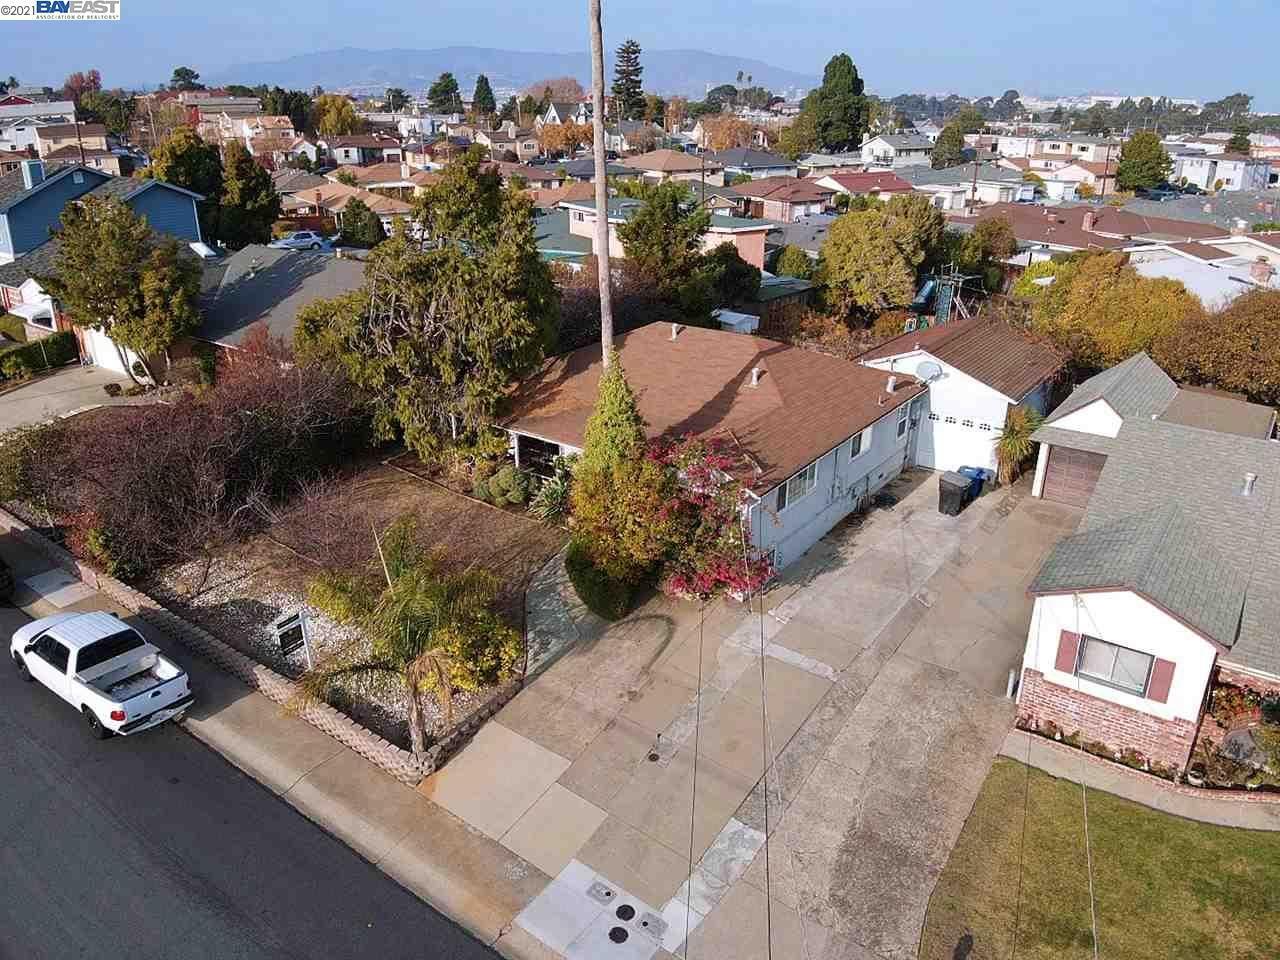 Photo for 511 SANTA TERESA WAY, MILLBRAE, CA 94030 (MLS # 40933153)